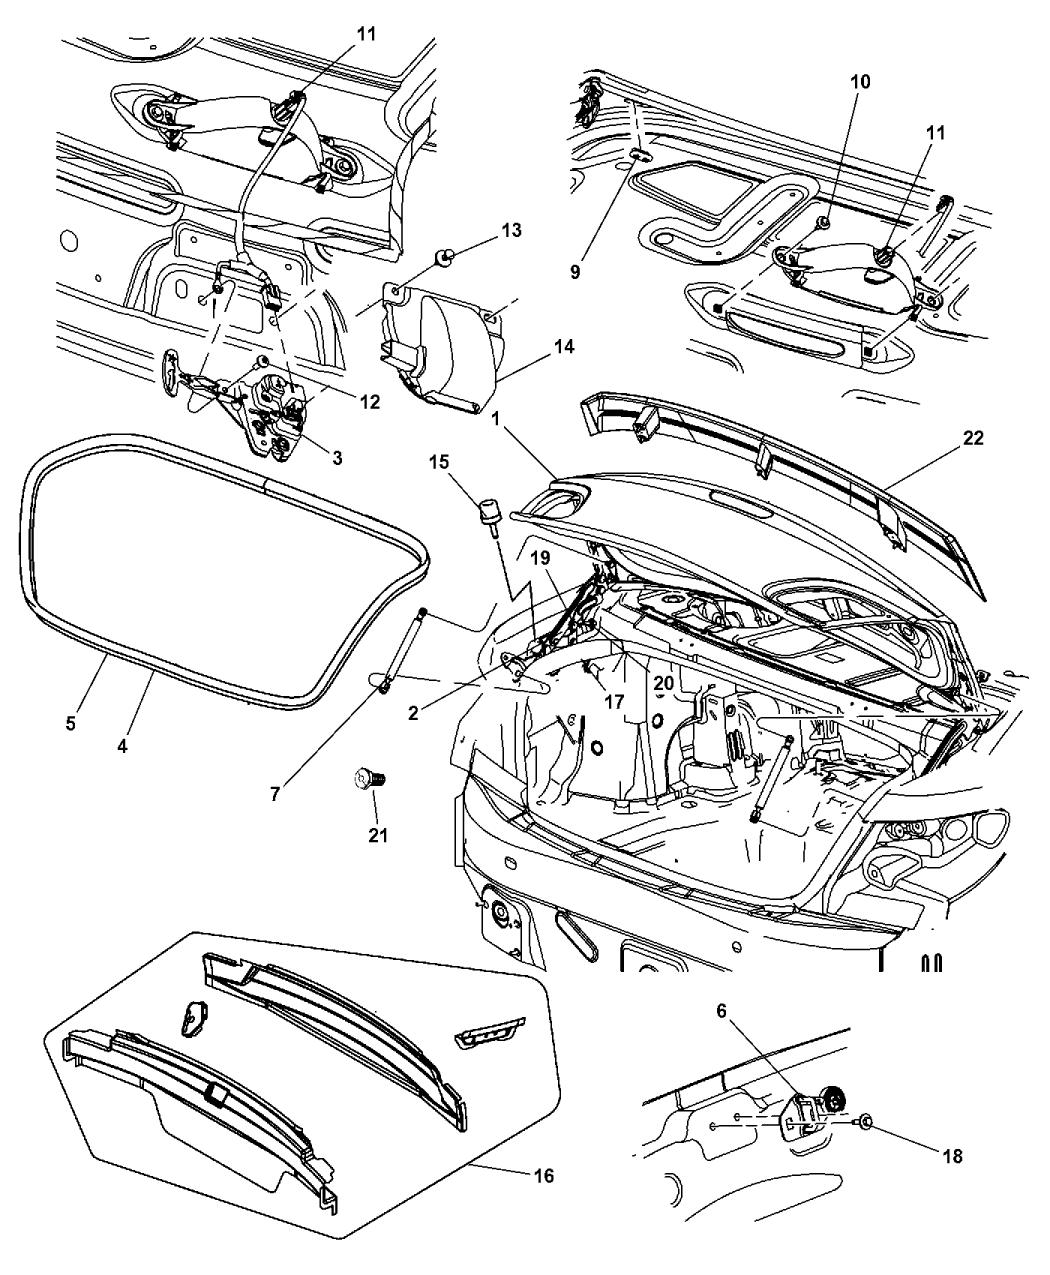 2010 Chrysler Sebring Deck Lid & Related Parts